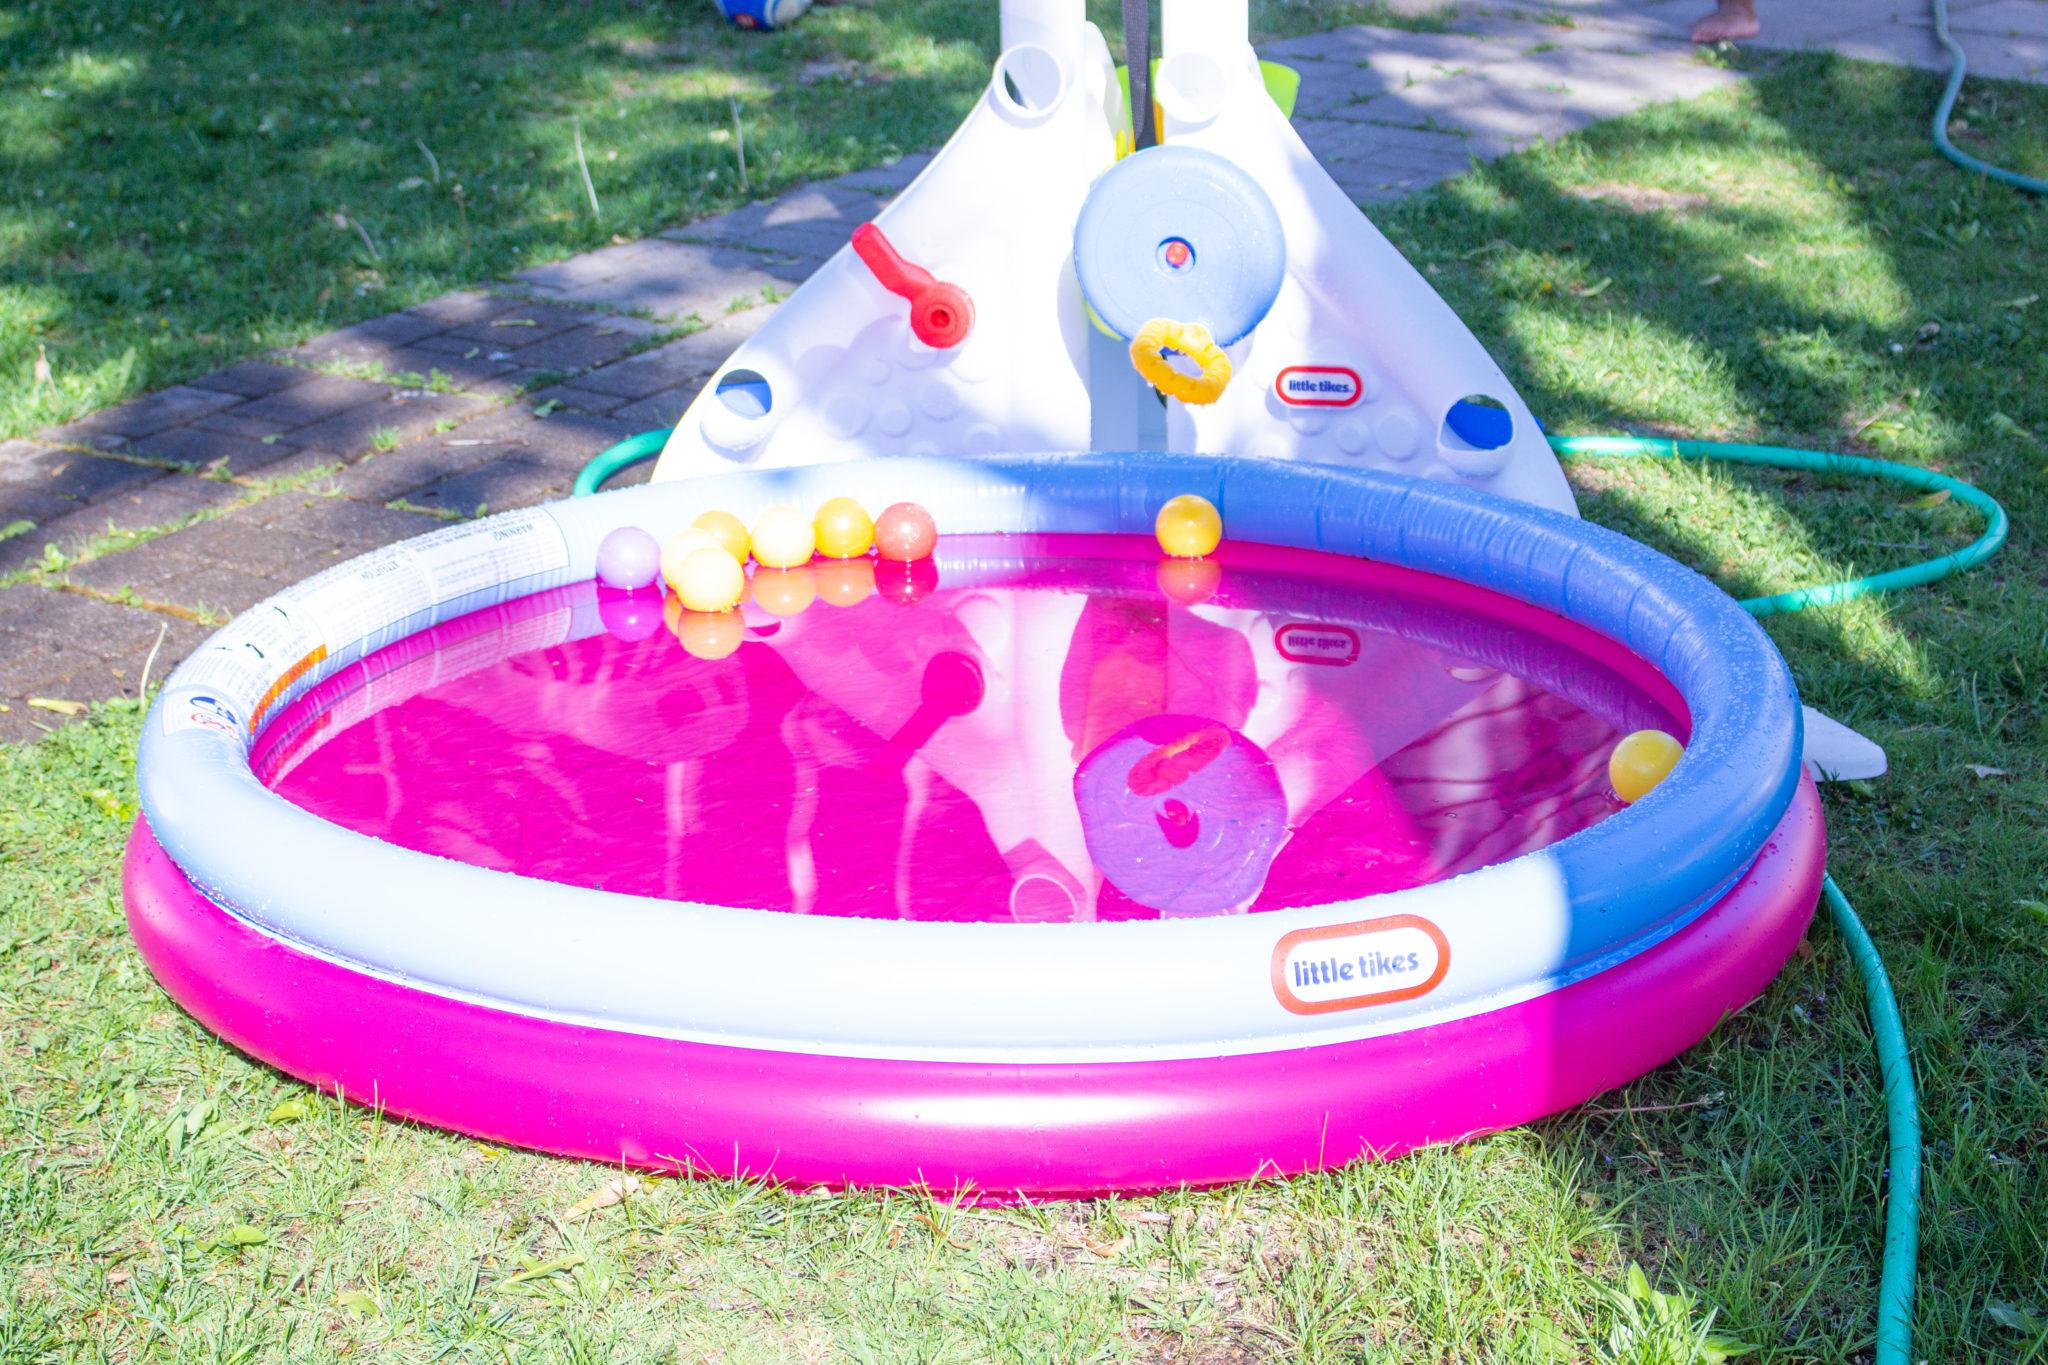 Summer Fun With Little Tikes | Fun Zone Drop Zone